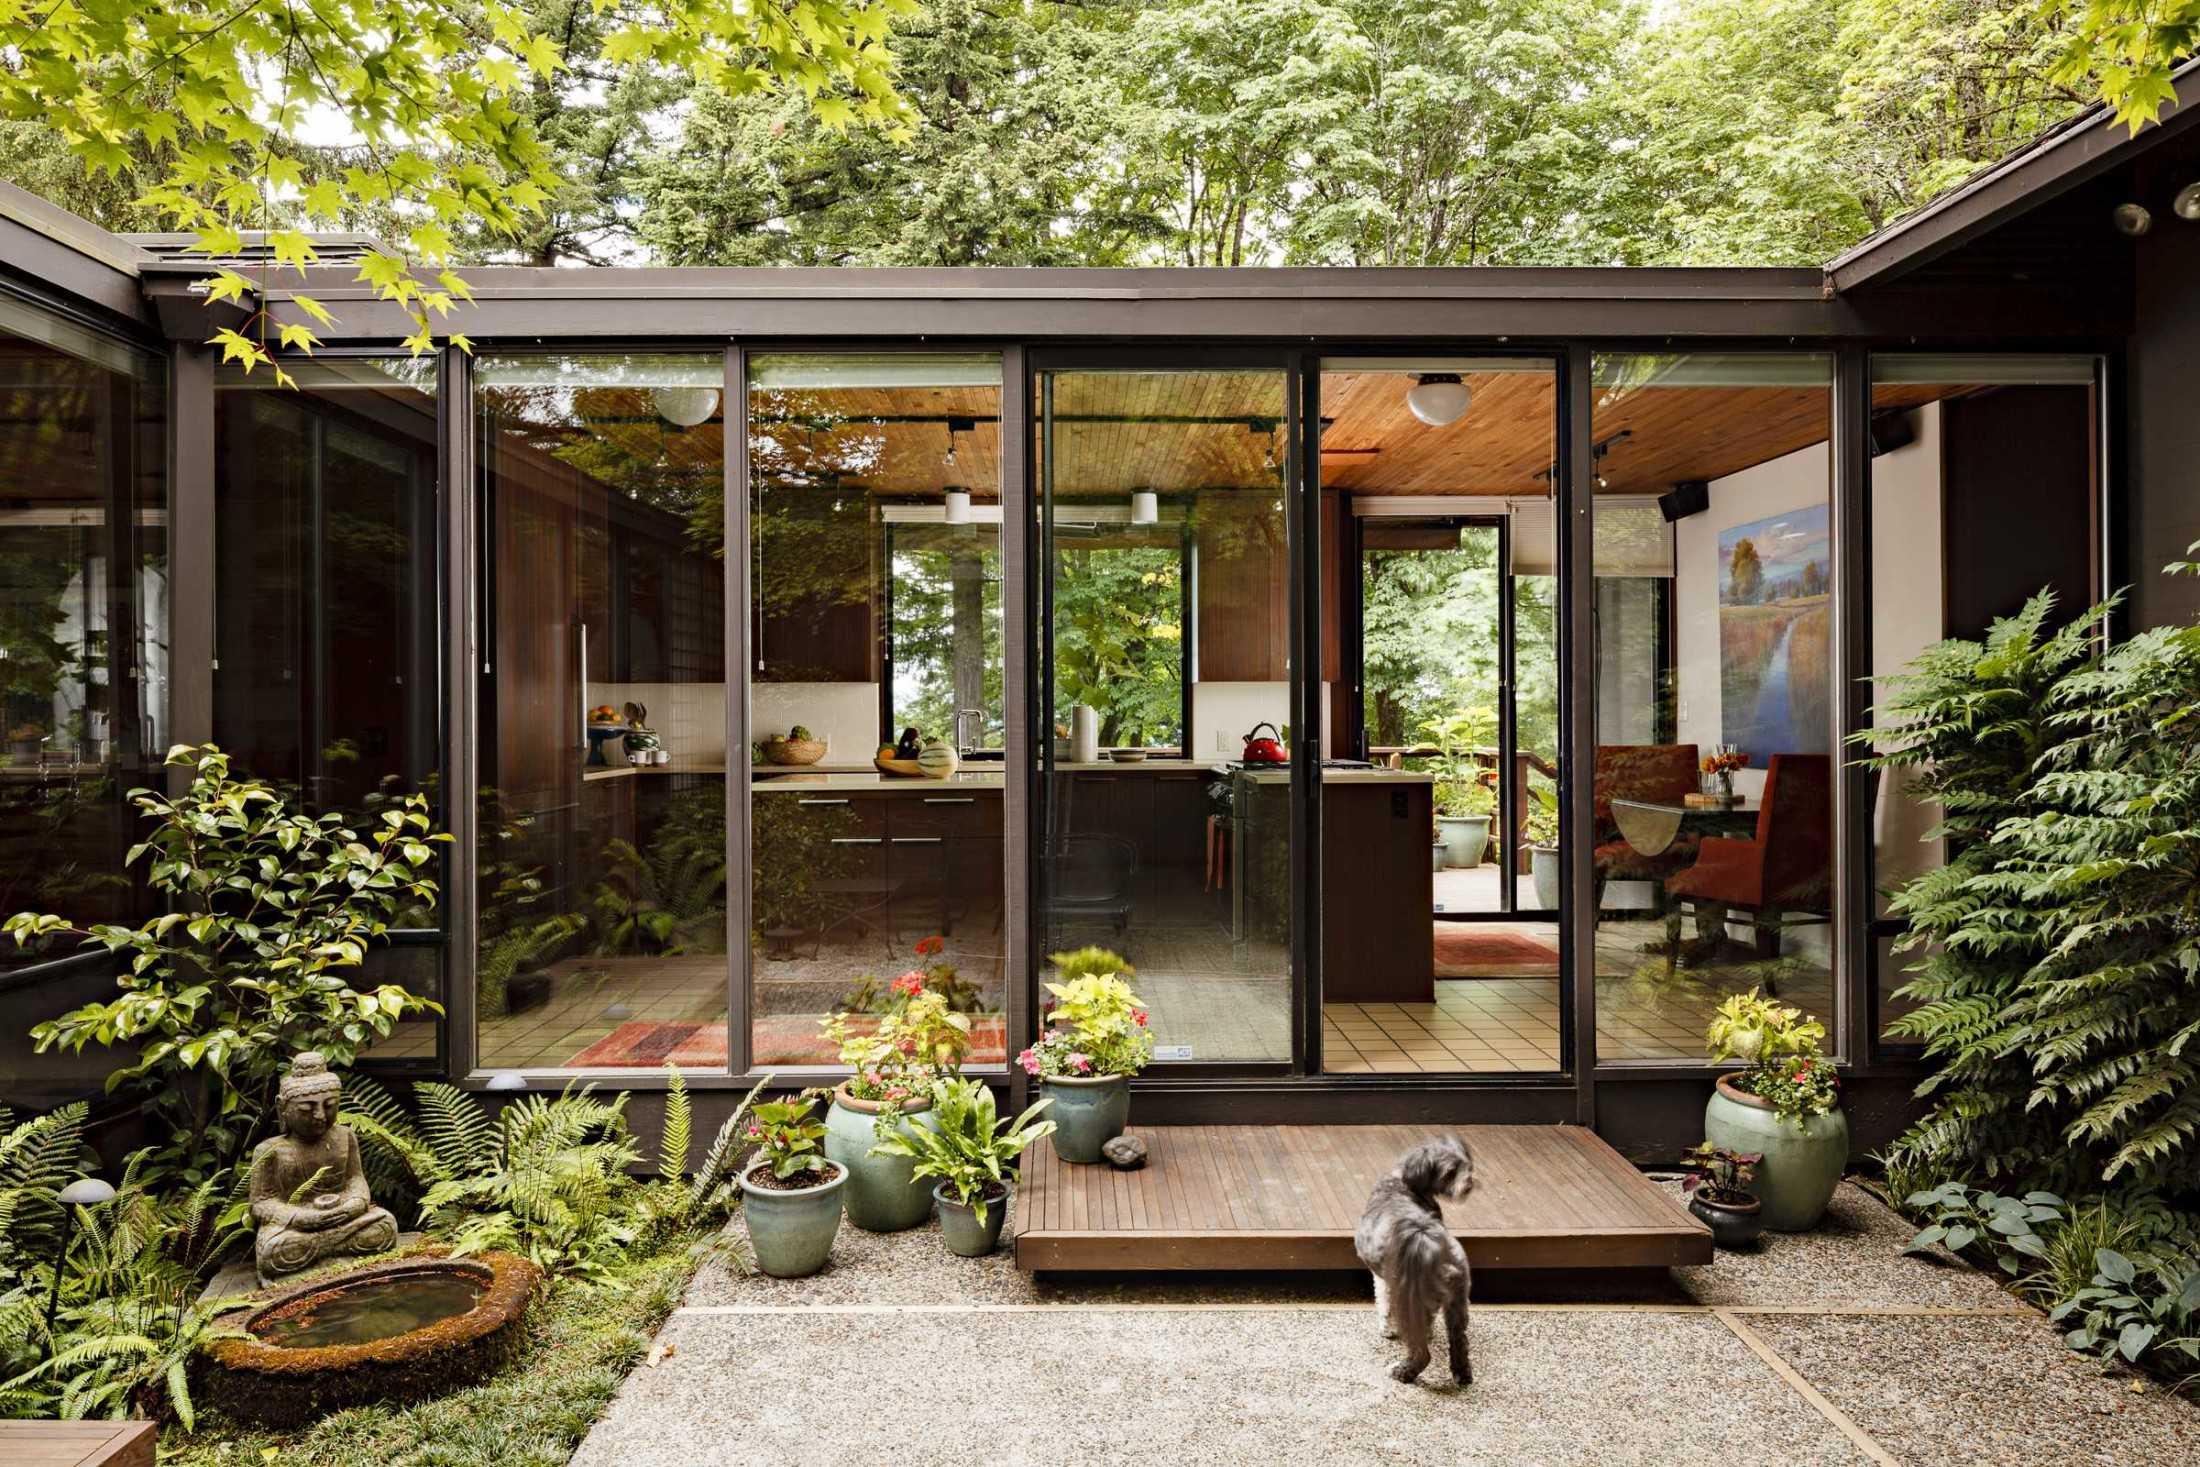 Kejelasan transisi eksterior dan interior pada rumah bergaya